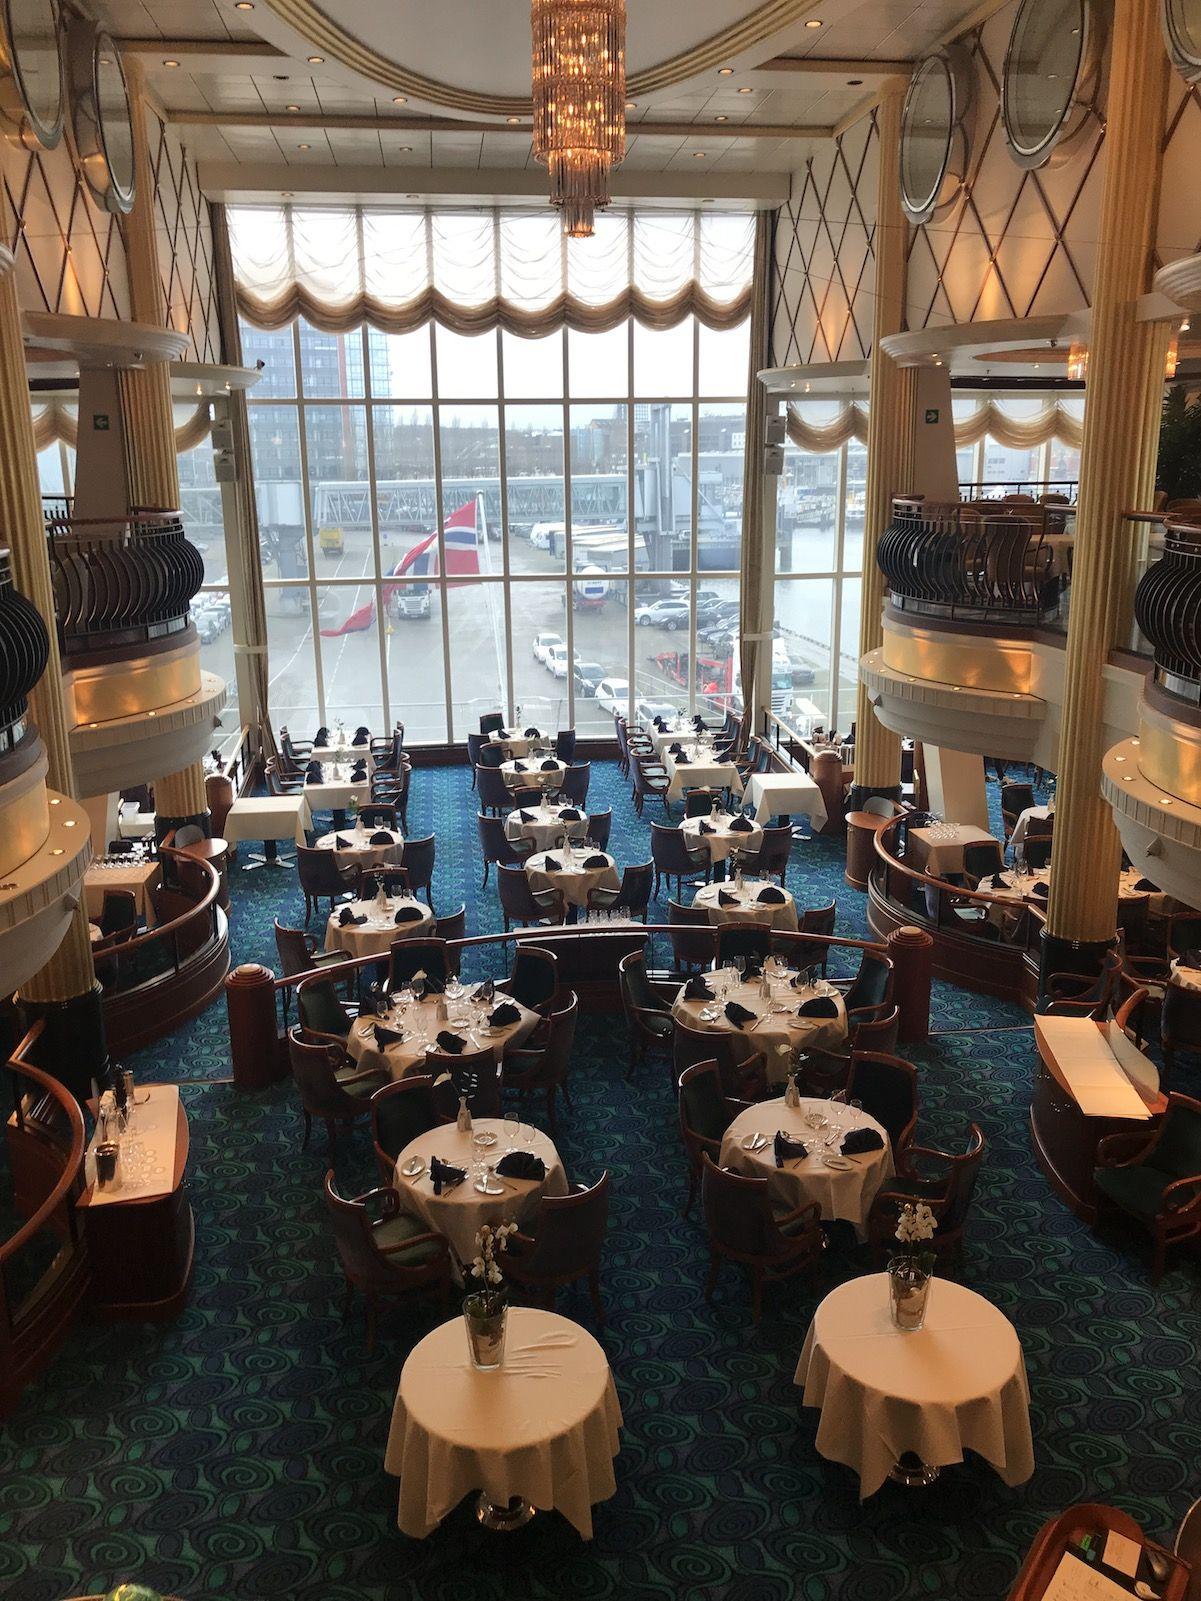 Eine Tour Durch Kiel Weihnachtsmarkte Schifffahrtsmuseum Restauranttipp Maritim Hotel Bellevue Und Color Line Fant Hotel Bellevue Schifffahrtsmuseum Schiff